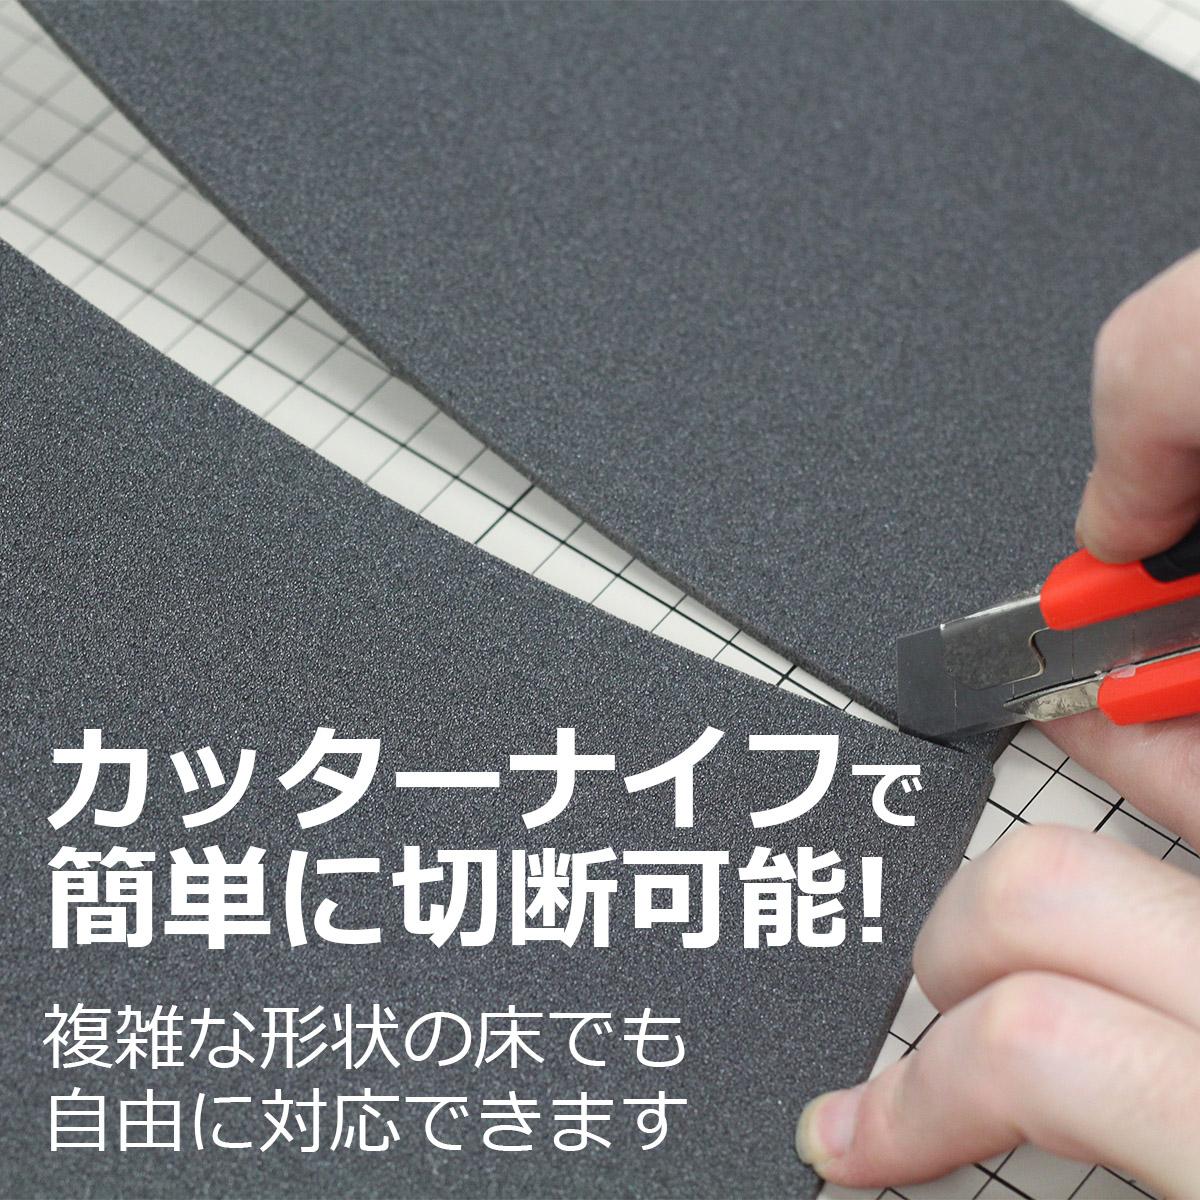 カッターナイフで簡単に切断可能!複雑な形状の床でも自由に対応できます